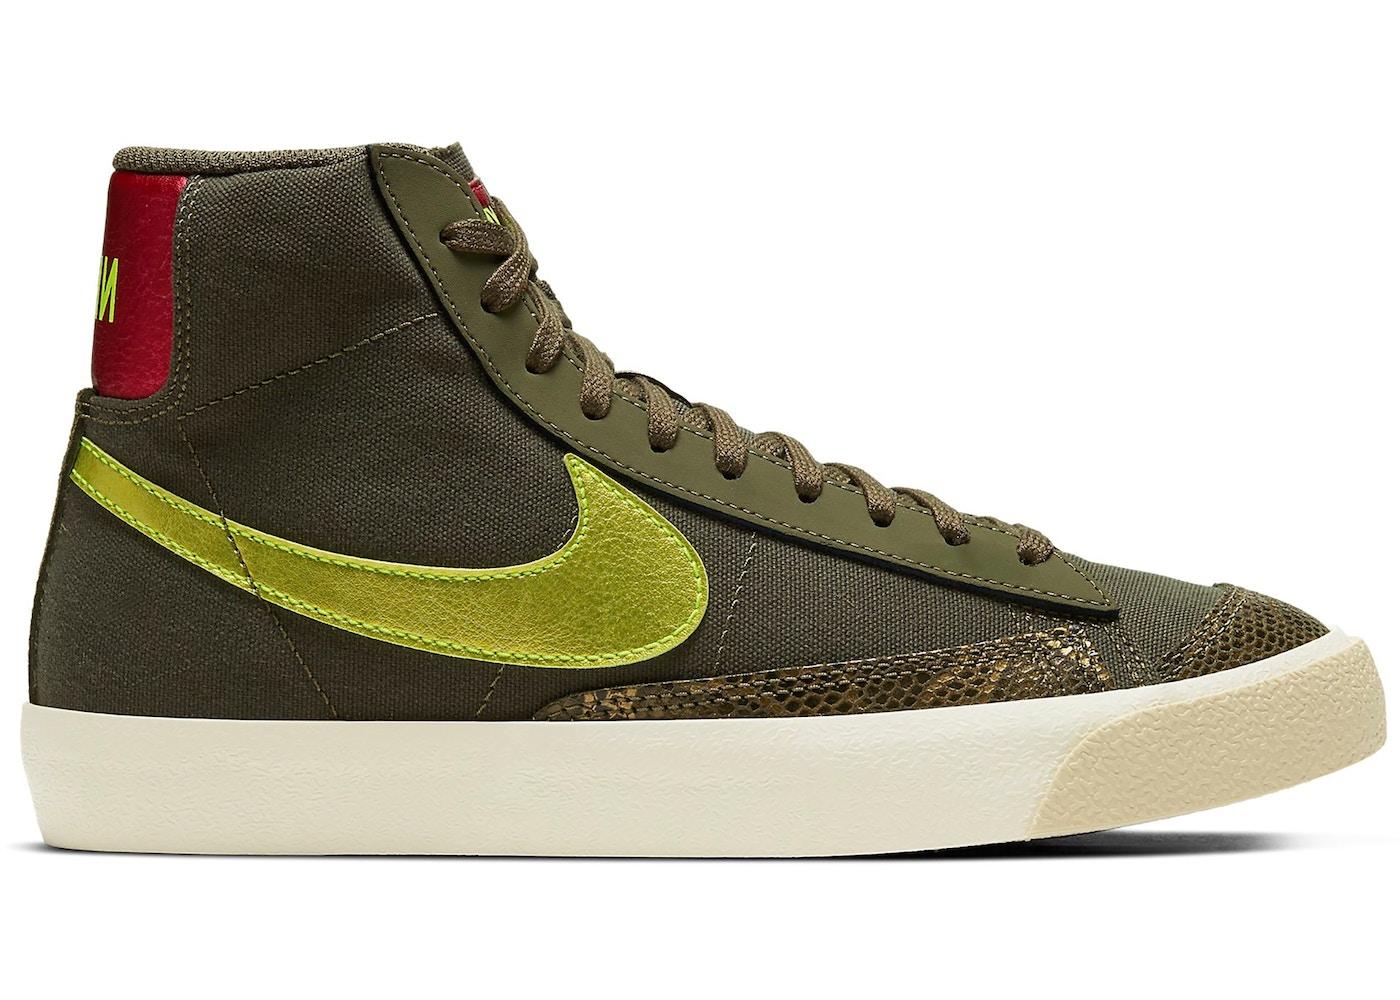 Nike Blazer Mid 77 Olive Snakeskin (W)